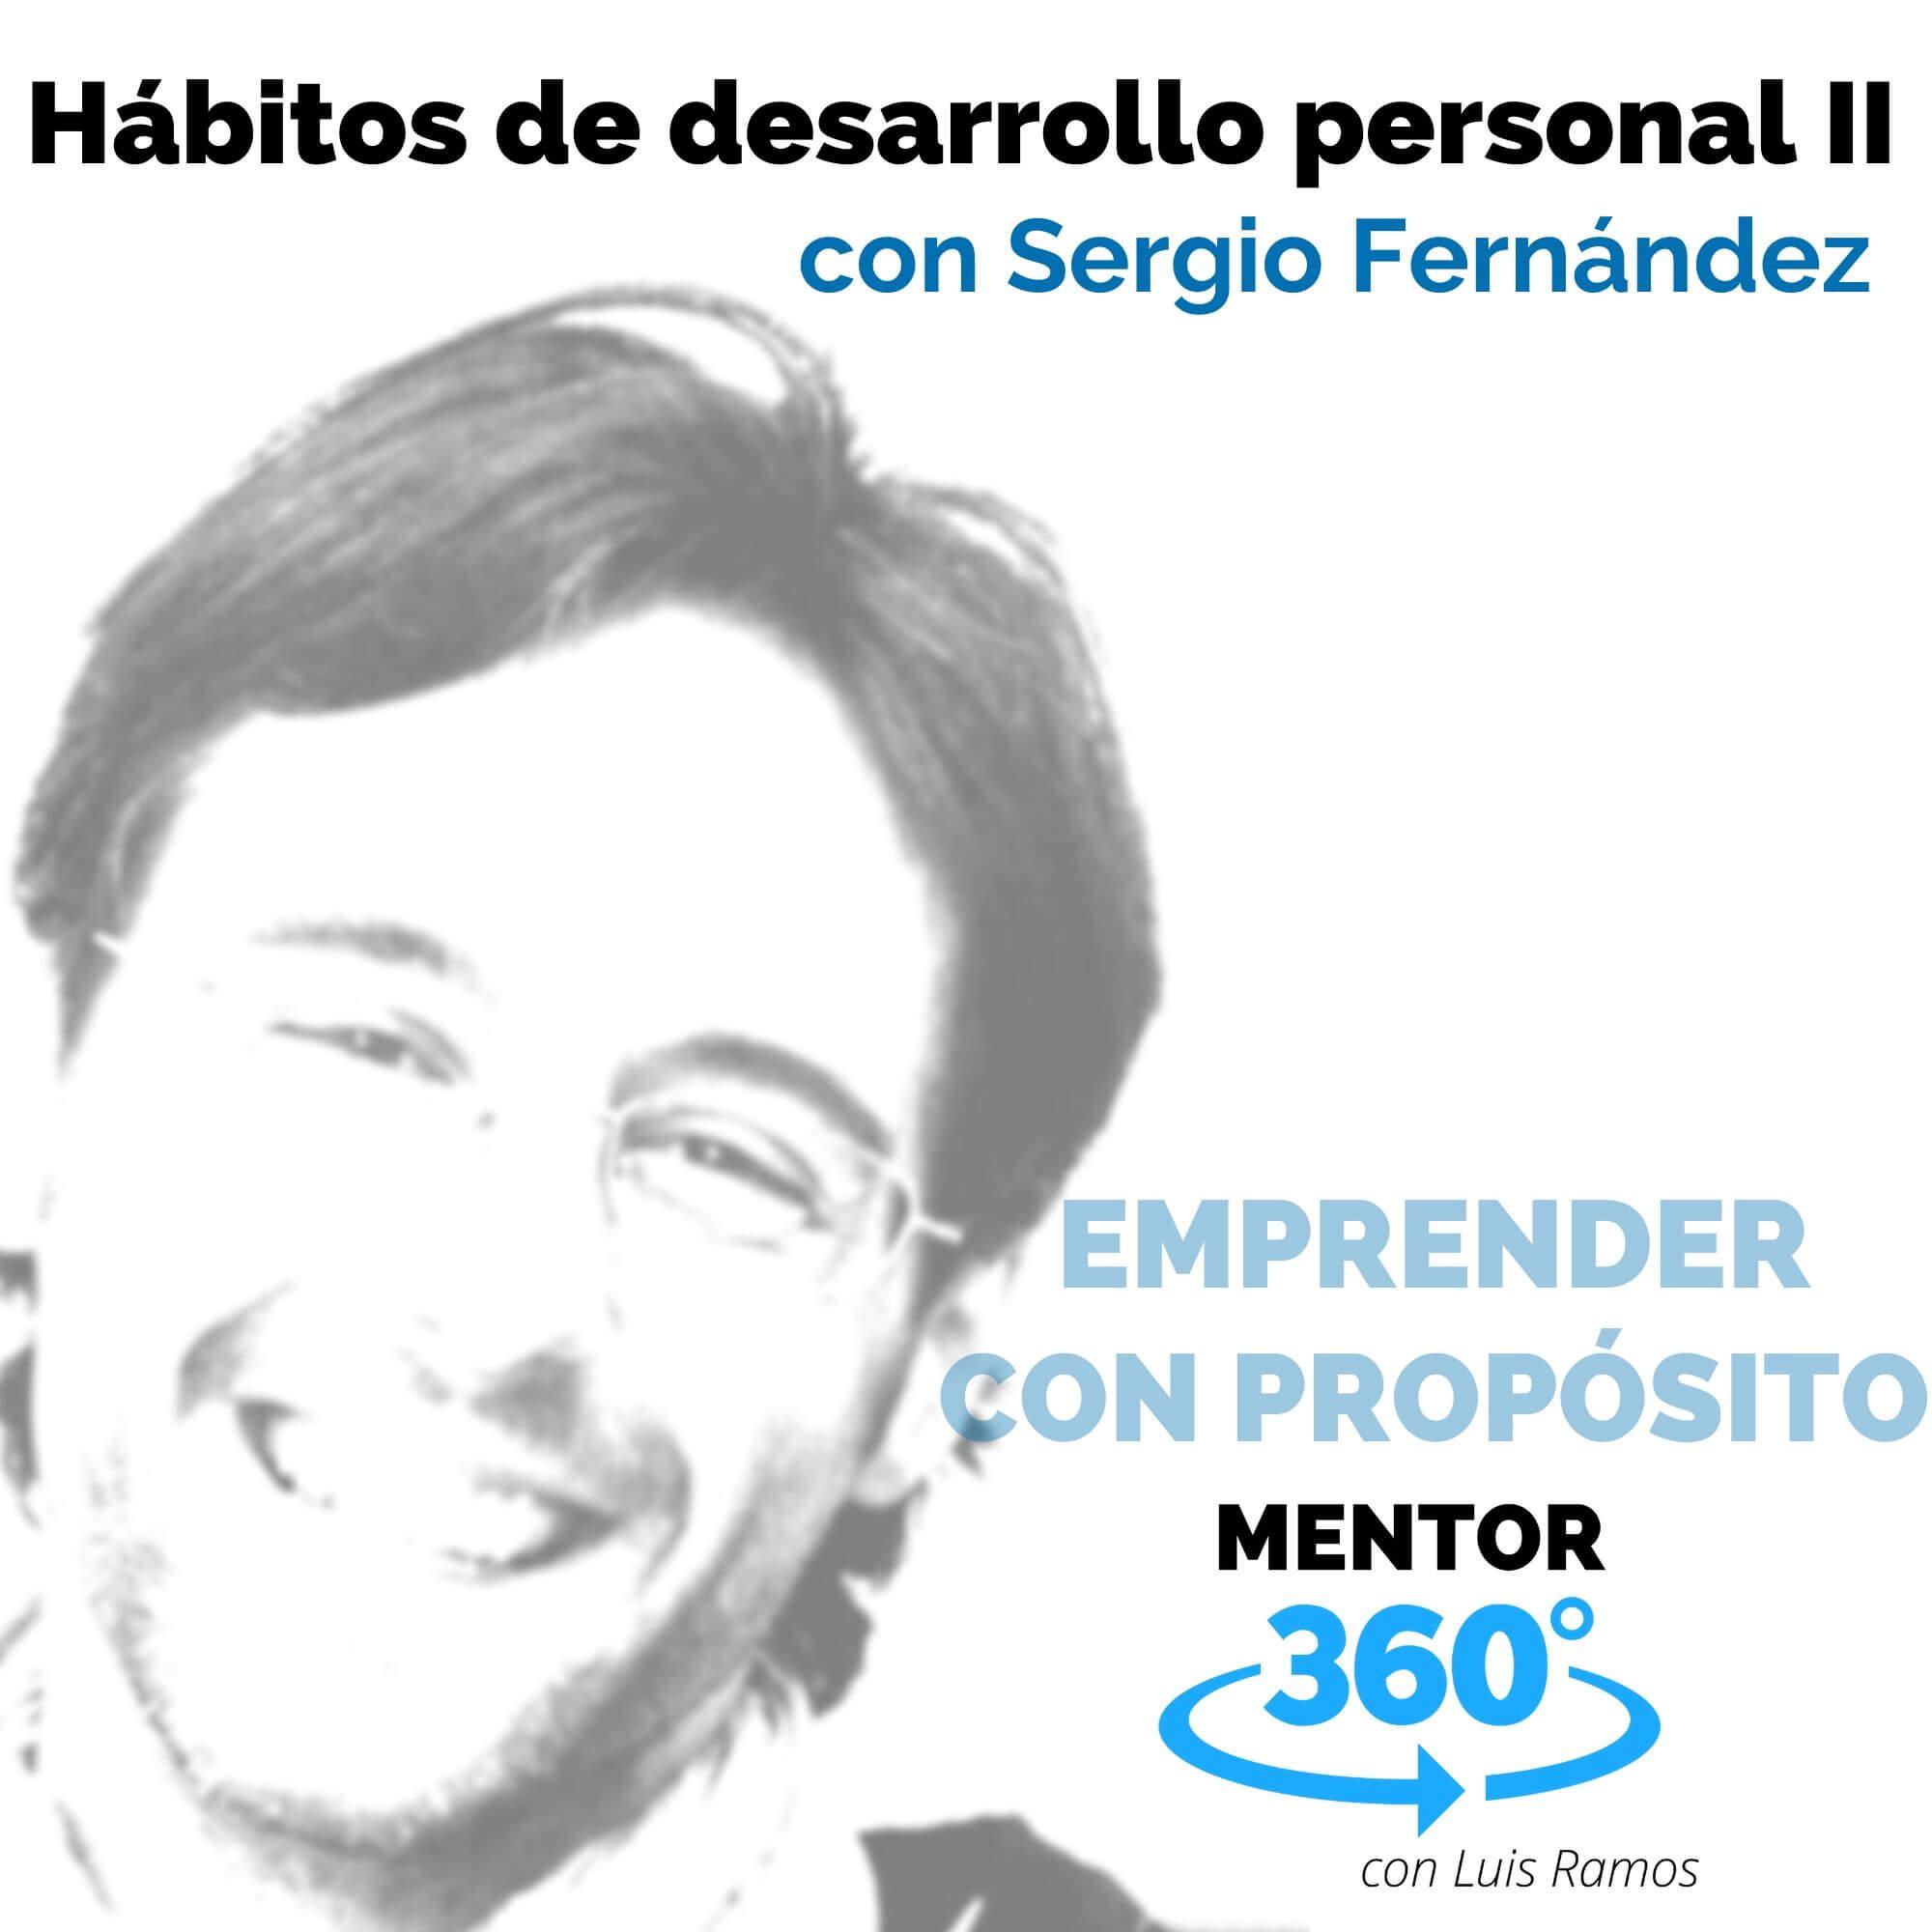 Hábitos de desarrollo personal II, con Sergio Fernández - EMPRENDER CON PROPÓSITO